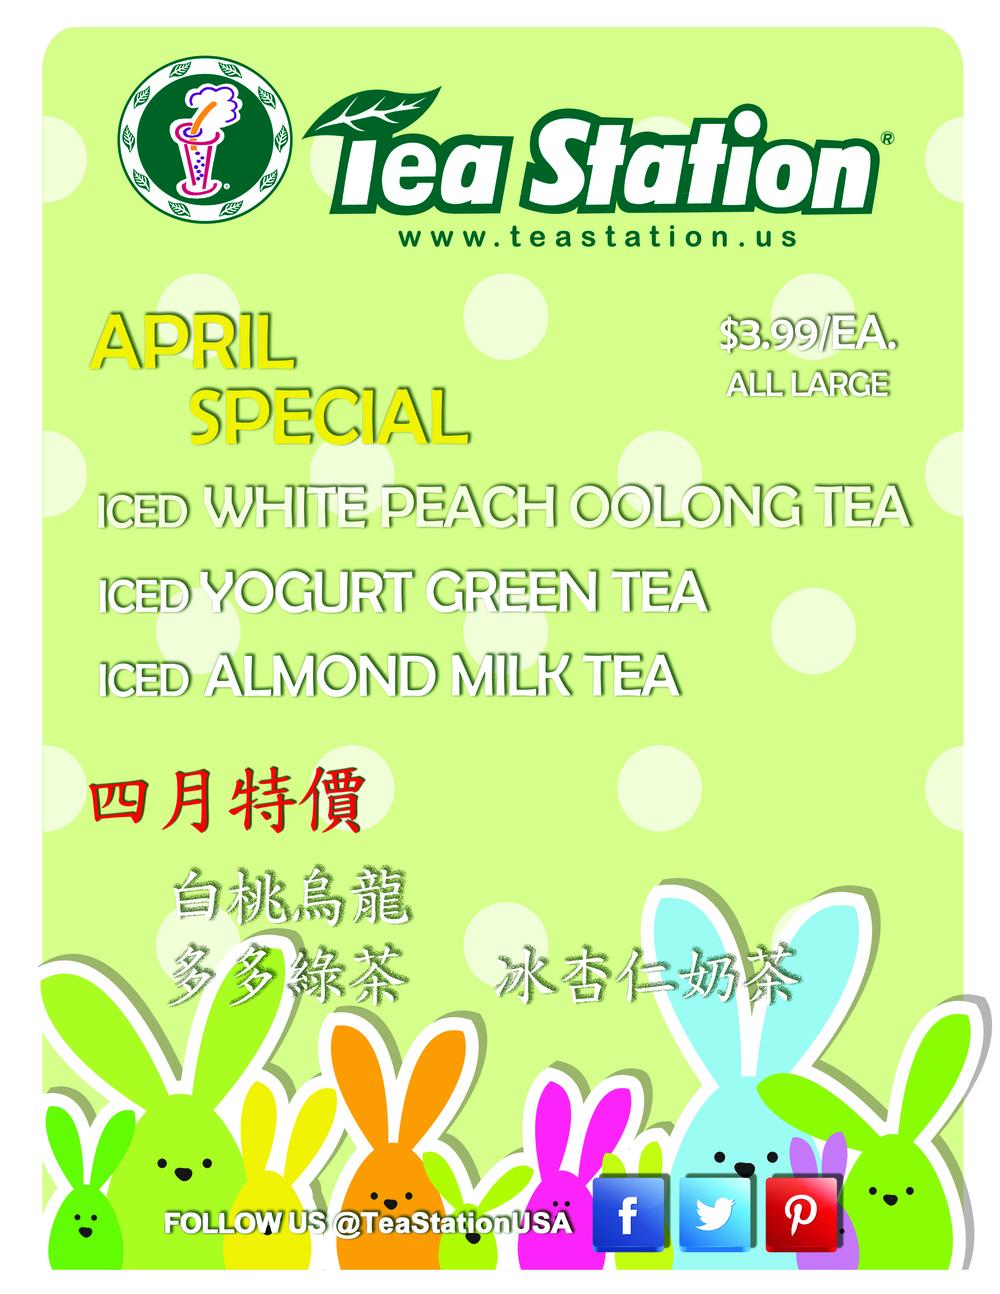 Specials April 2014